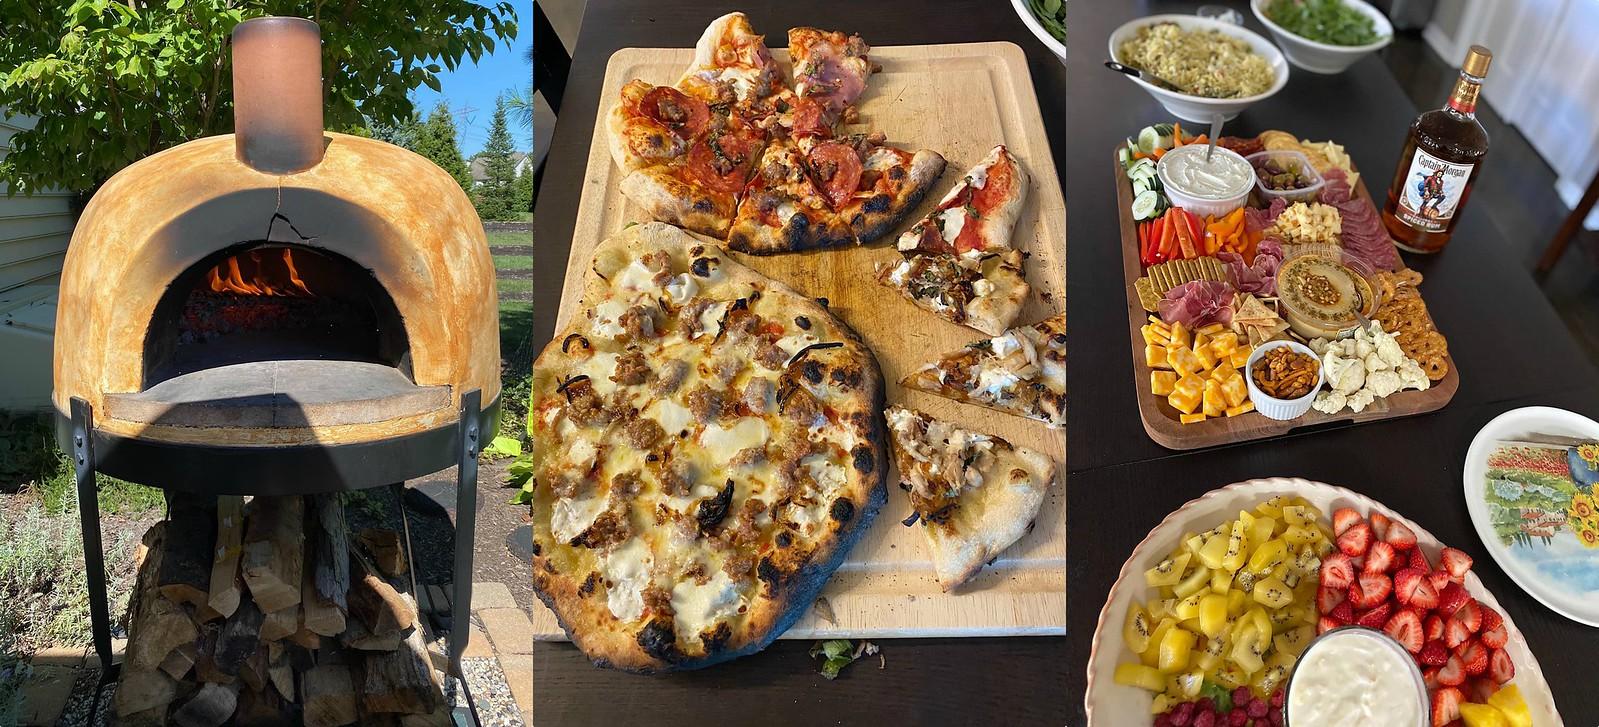 HomemadePizzas_SydneysFashionDiary